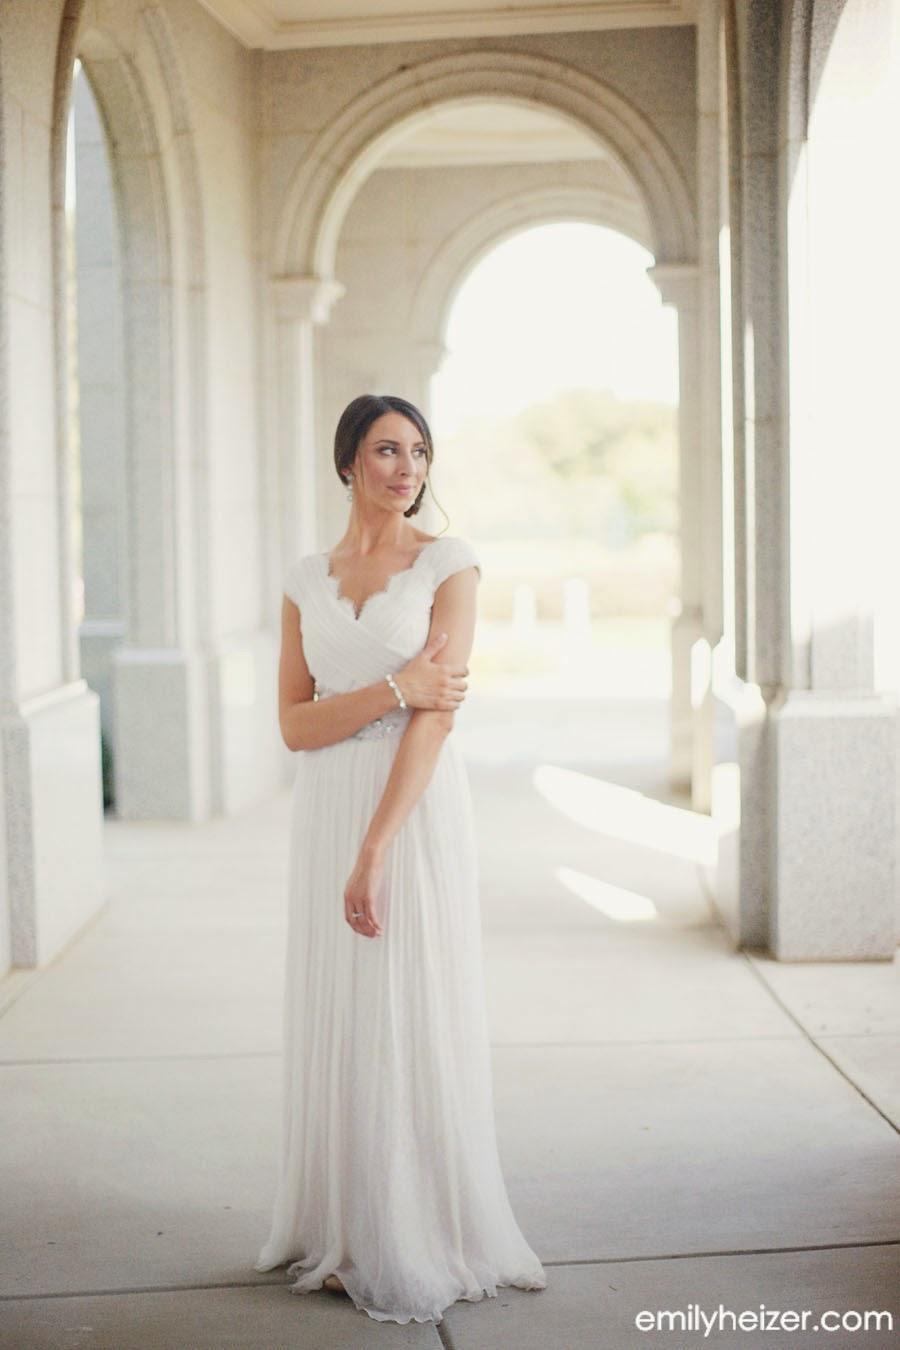 Wedding Photography In Sacramento Ca: Emily Heizer Photography: Lake Tahoe, Sacramento, San